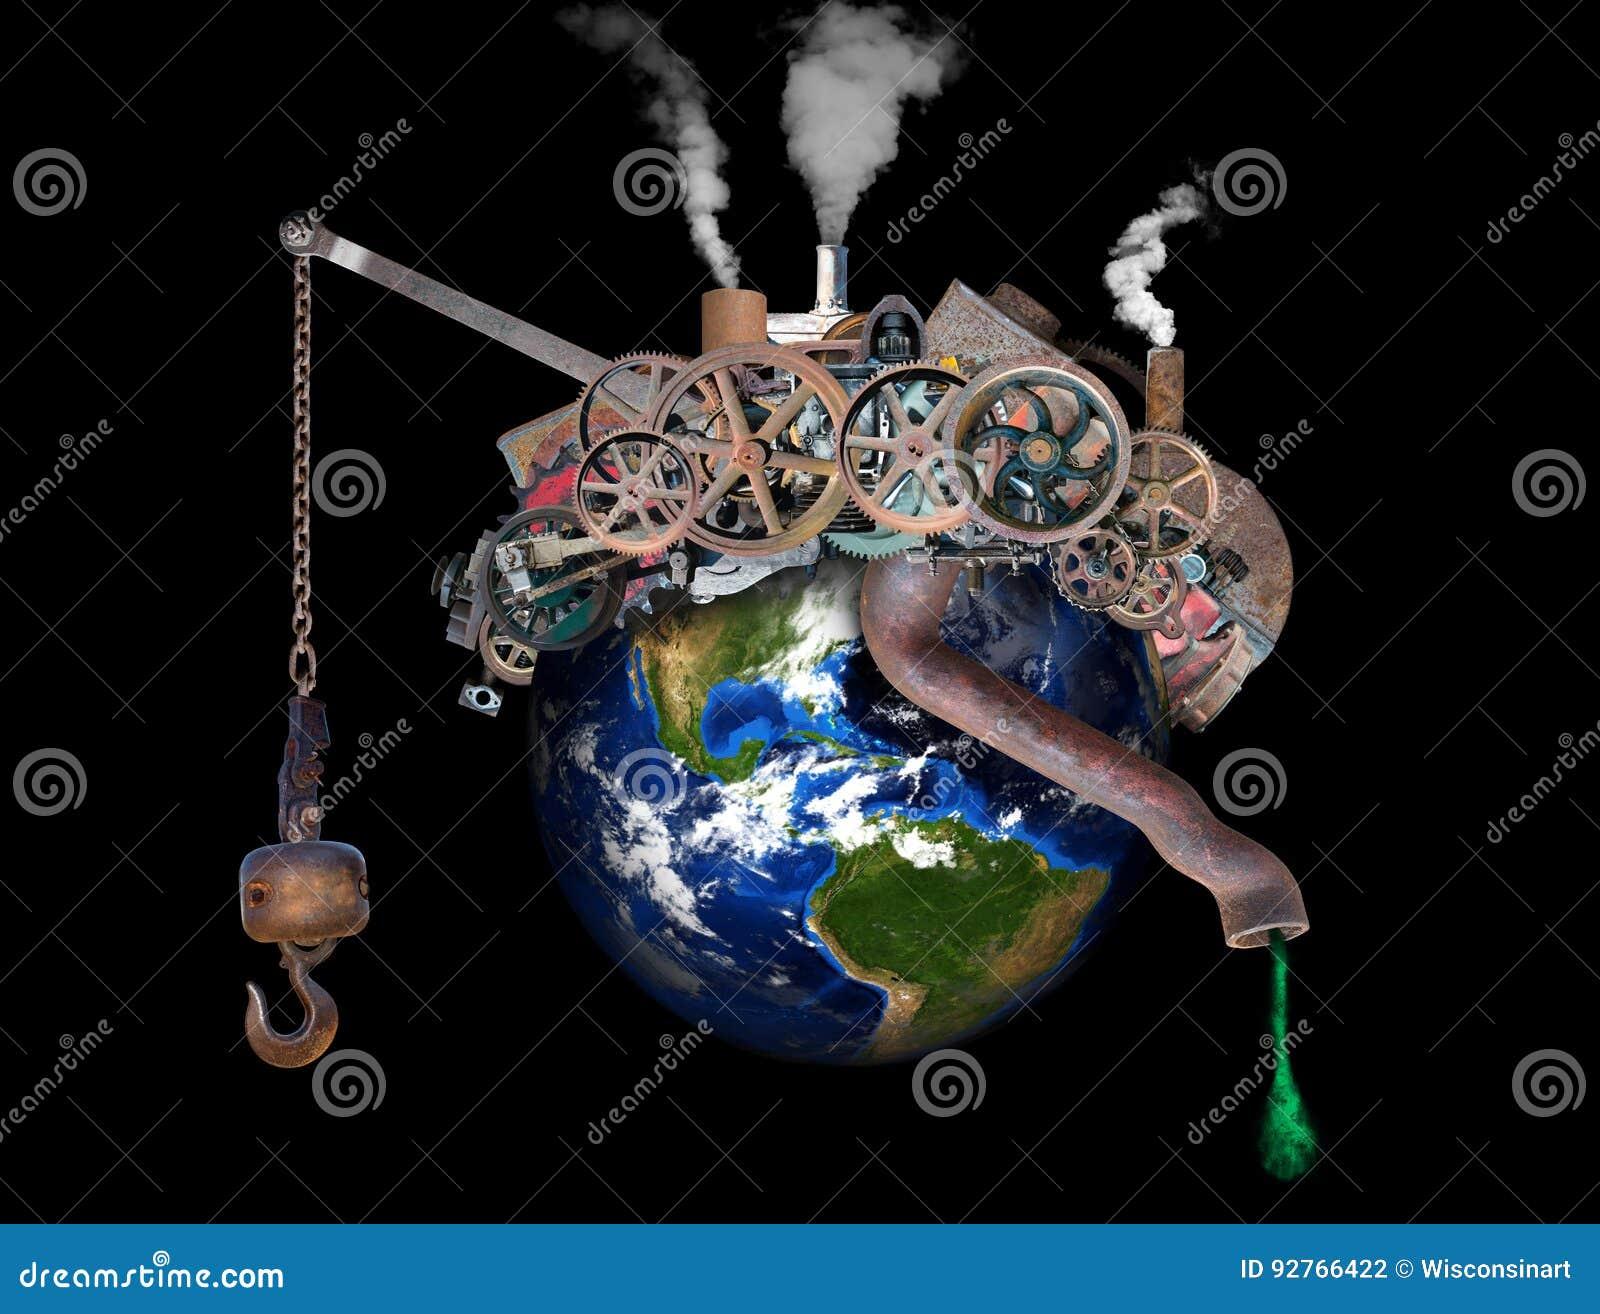 全球性变暖,气候变化,污染